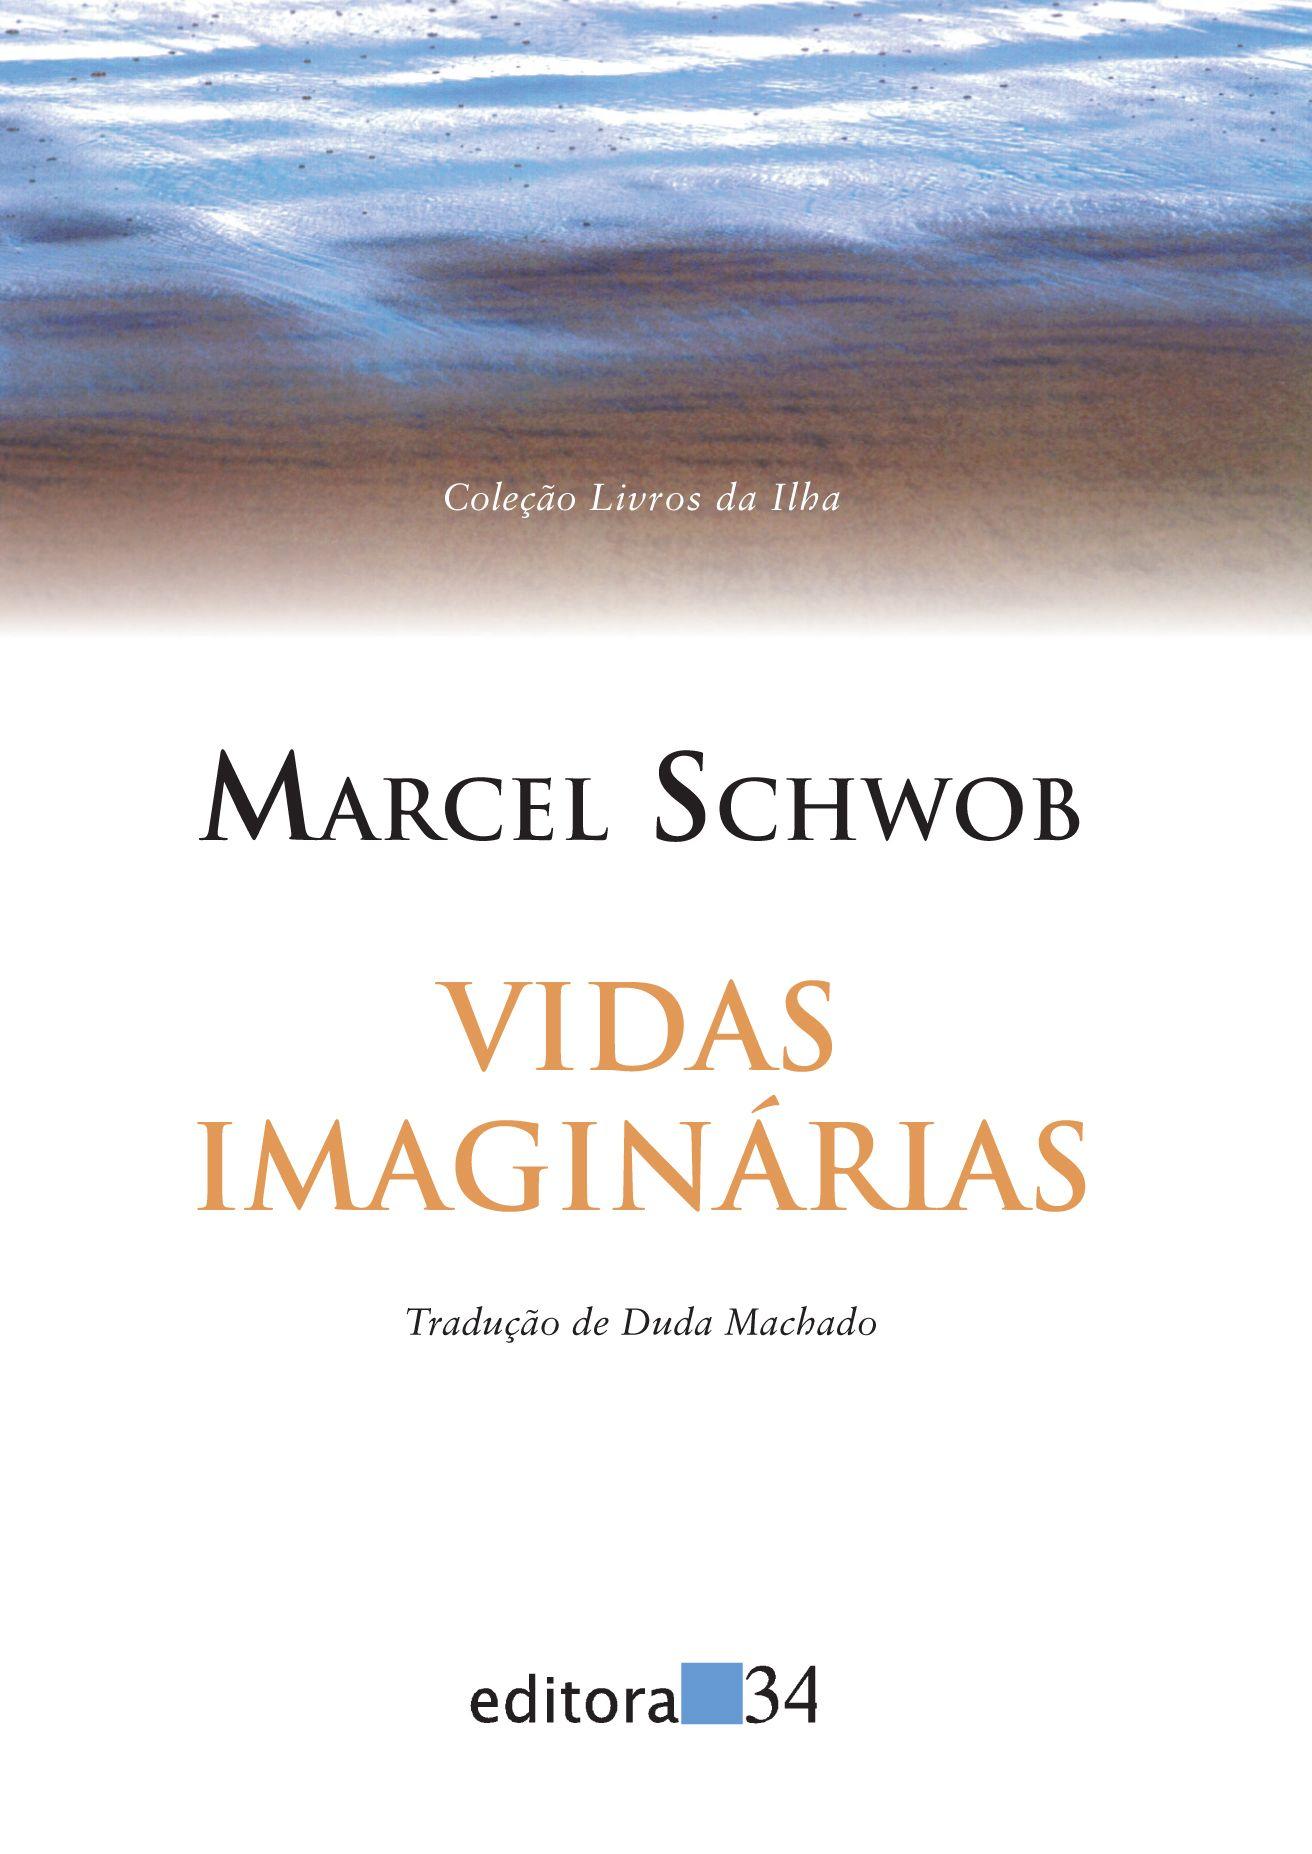 Vidas Imaginárias, livro de Marcel Schwob